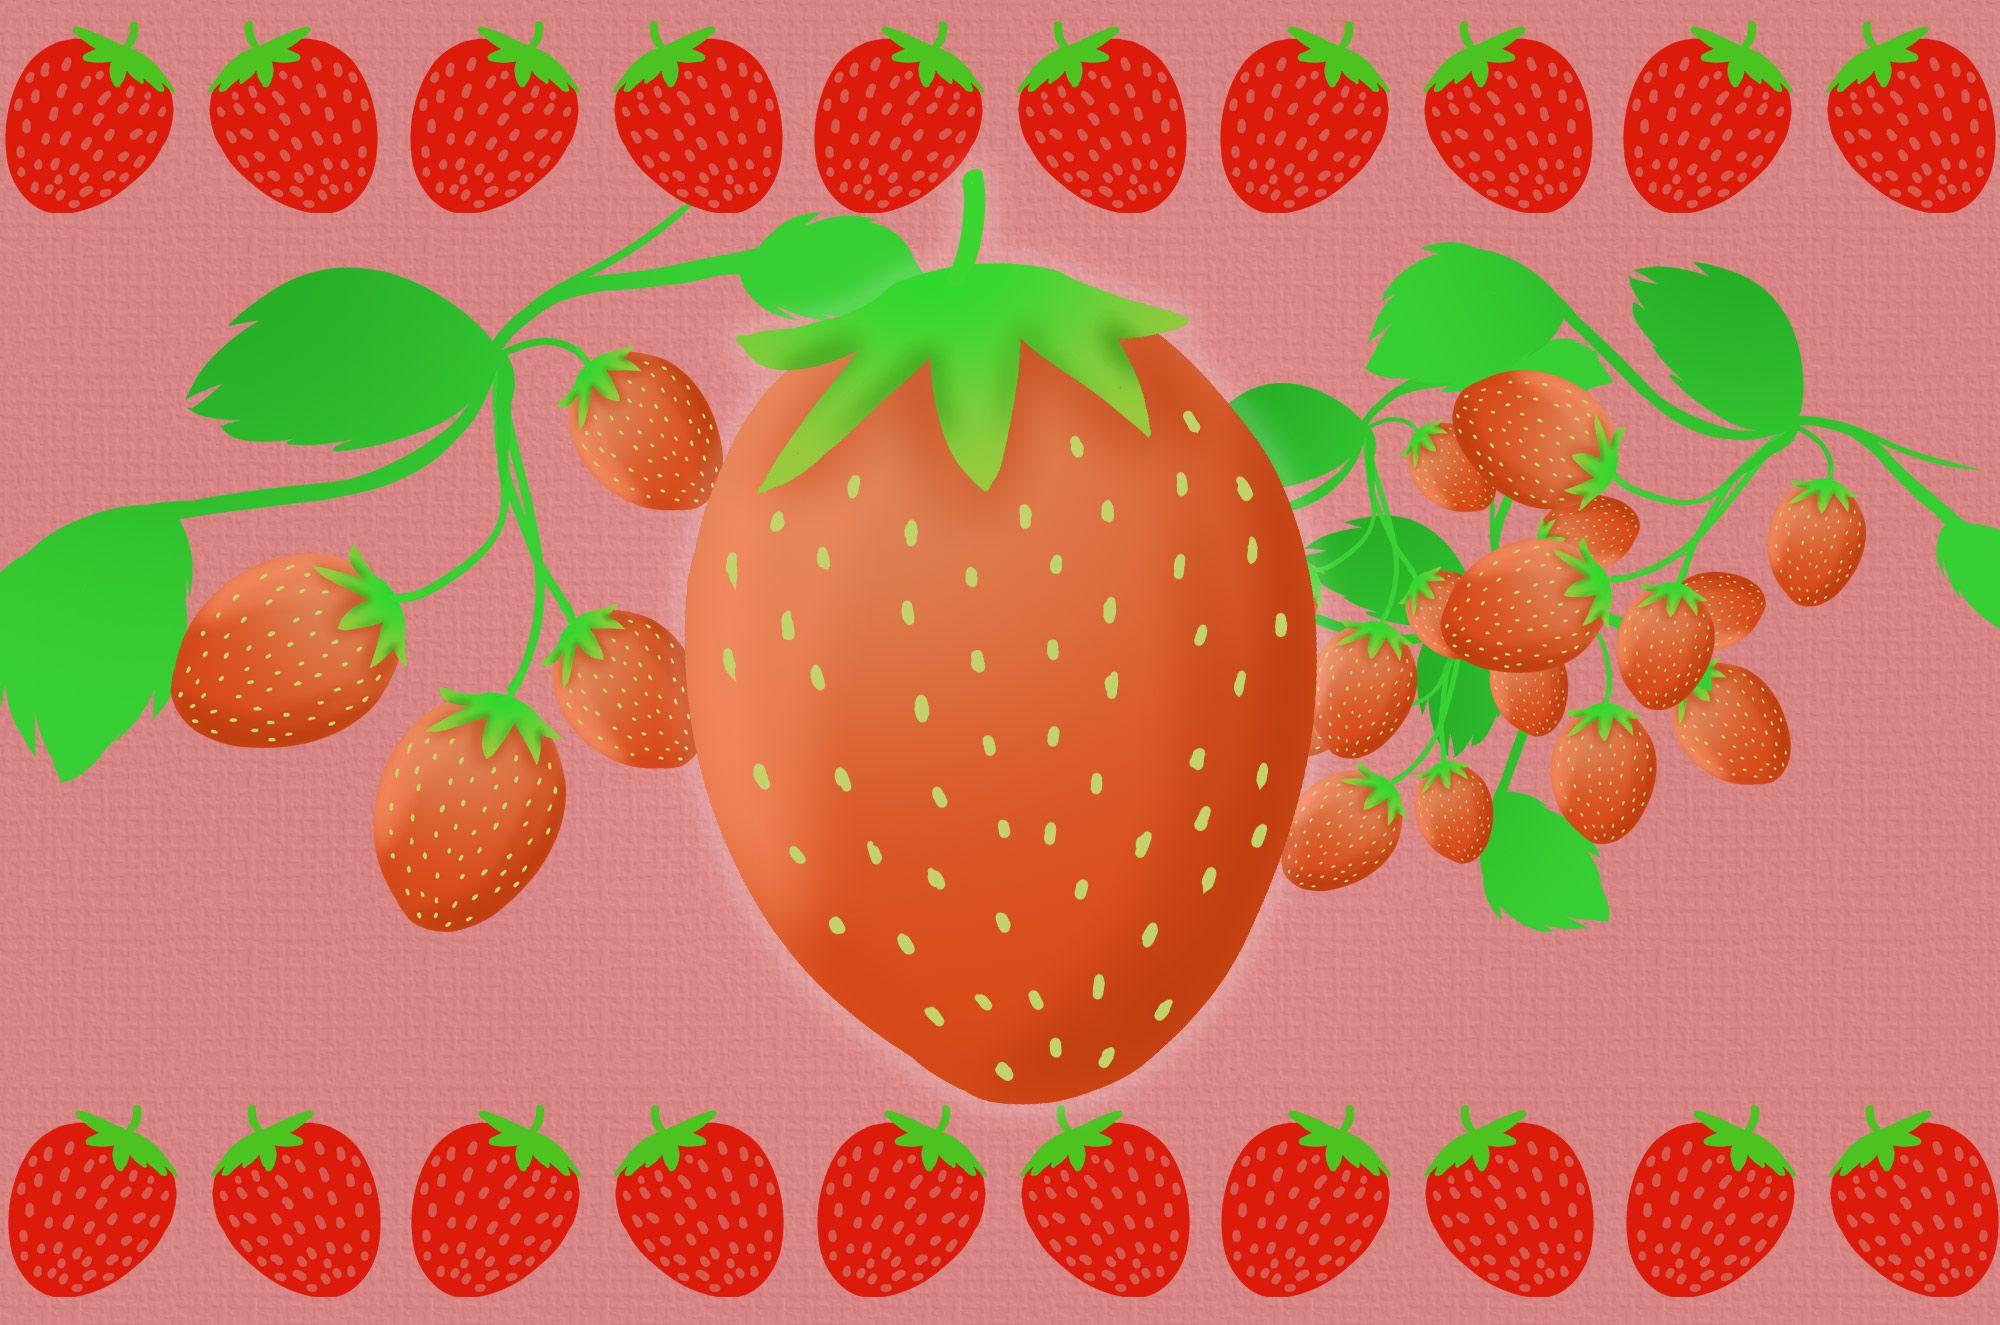 いちごイラスト かわいいシンプルなフルーツ無料素材 チコデザ いちご イラスト いちご フルーツ イラスト